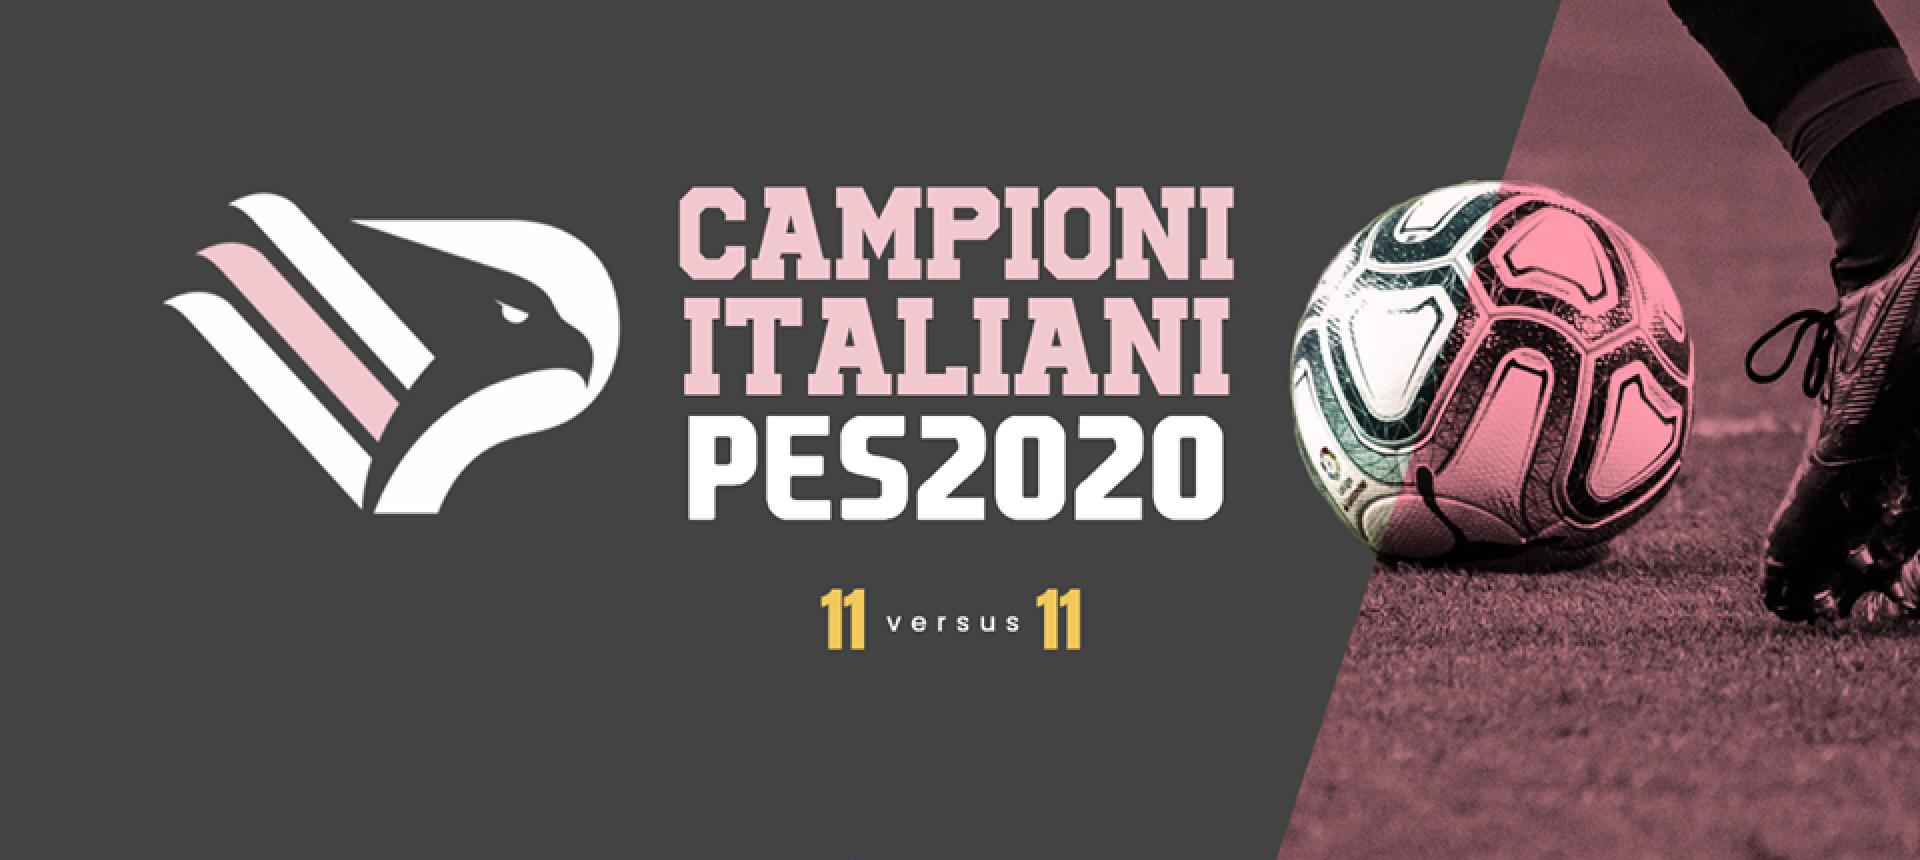 IL PALERMO ESPORTS CAMPIONE D'ITALIA A PES 2020 PRO CLUB